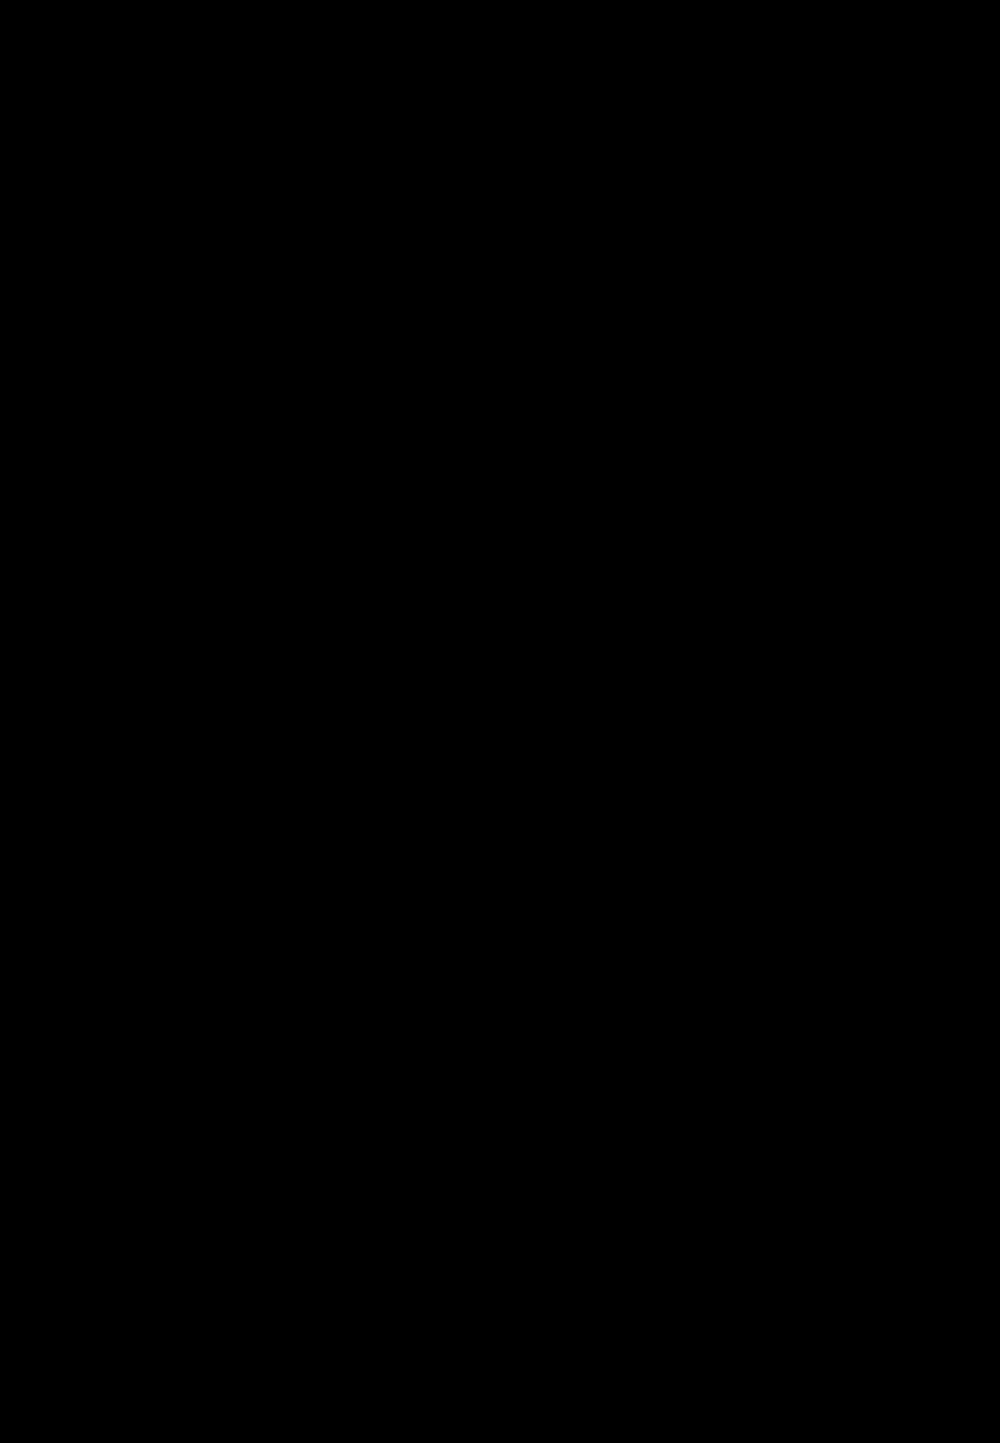 Rencontre langres h et f